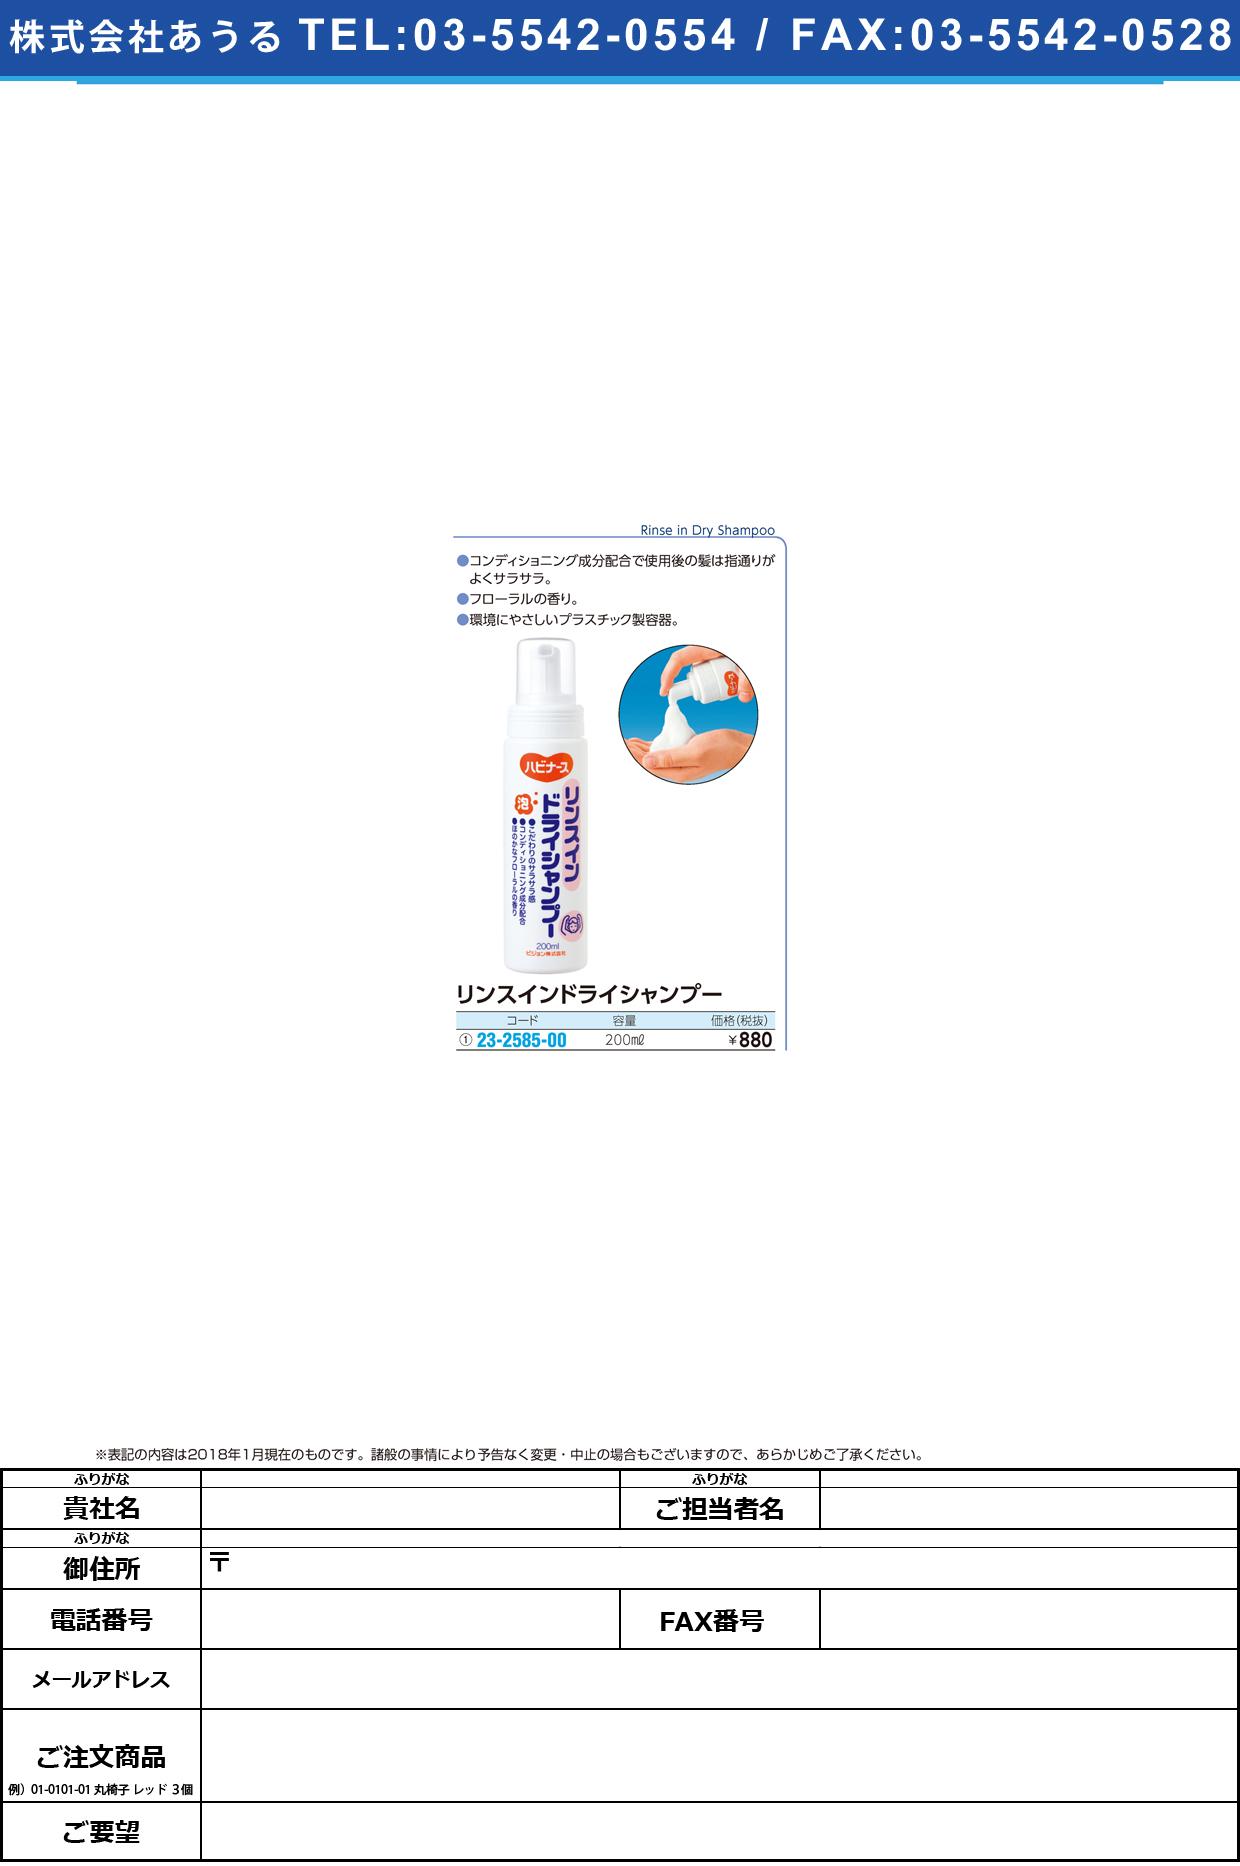 (23-2585-00)ハビナースリンスインドライシャンプー 11909(200ML) ハビナースリンスインドライシャンプ(ピジョンタヒラ)【1個単位】【2018年カタログ商品】